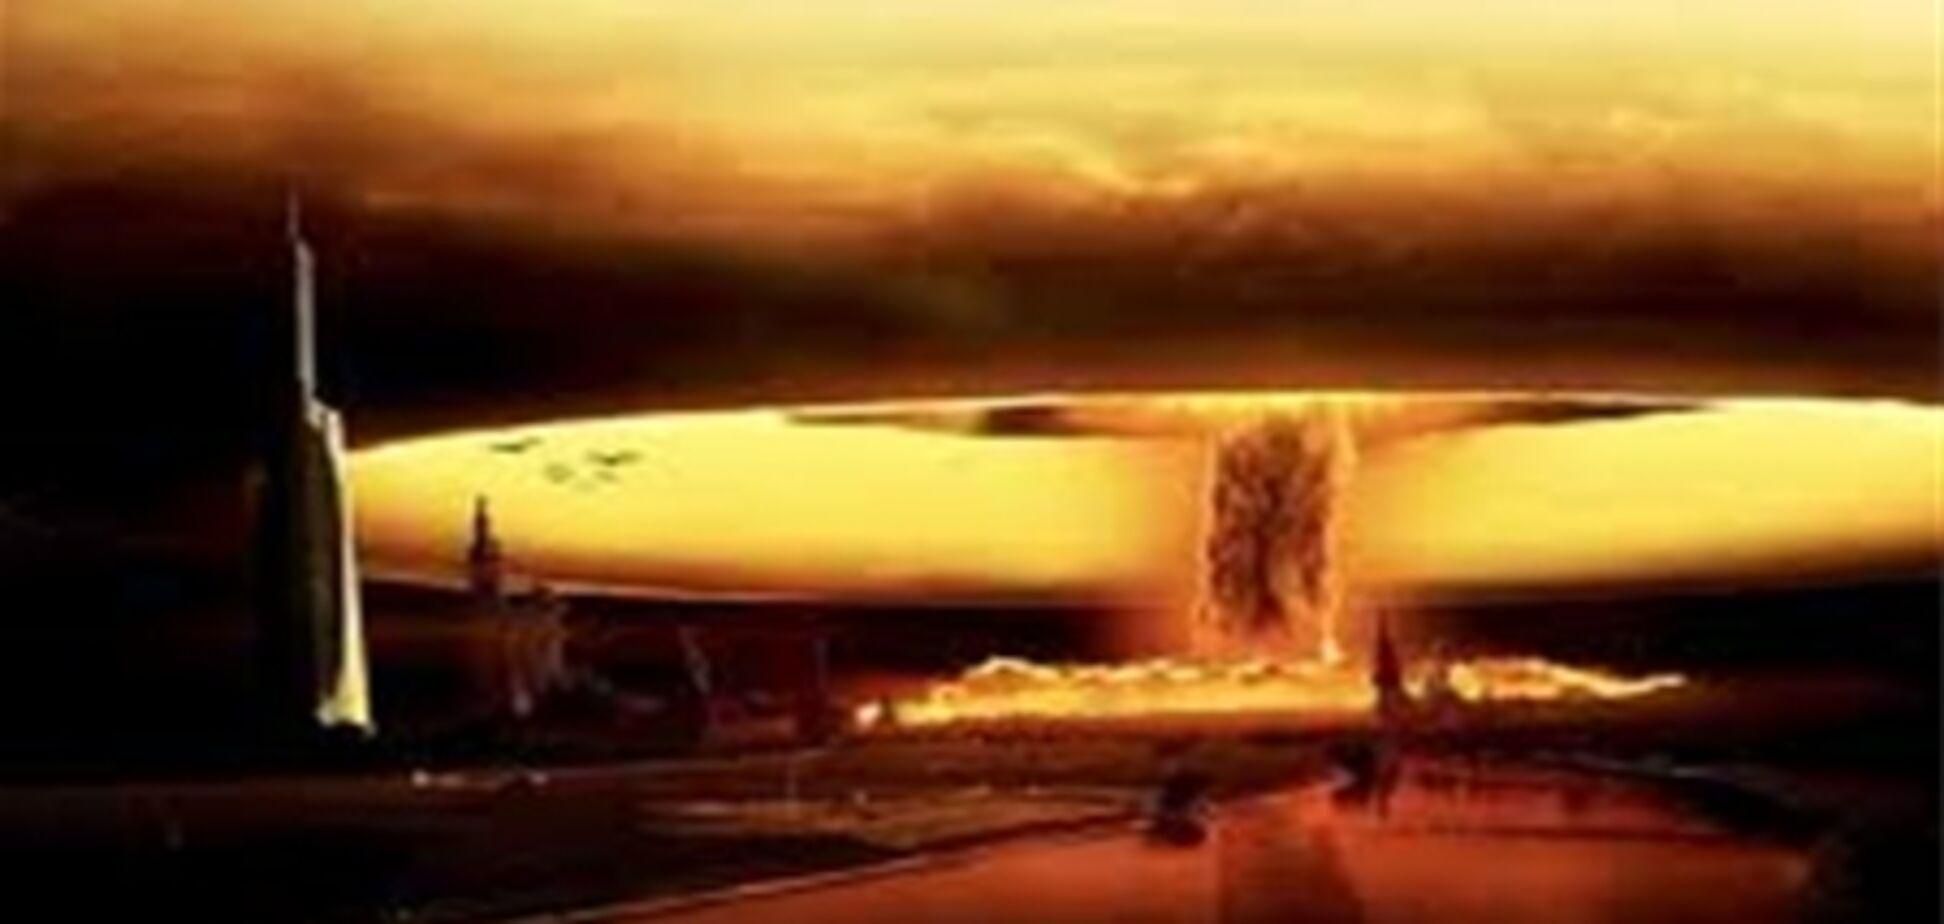 В Иране издали книжку 'Атомная бомба для самых маленьких'. Текст